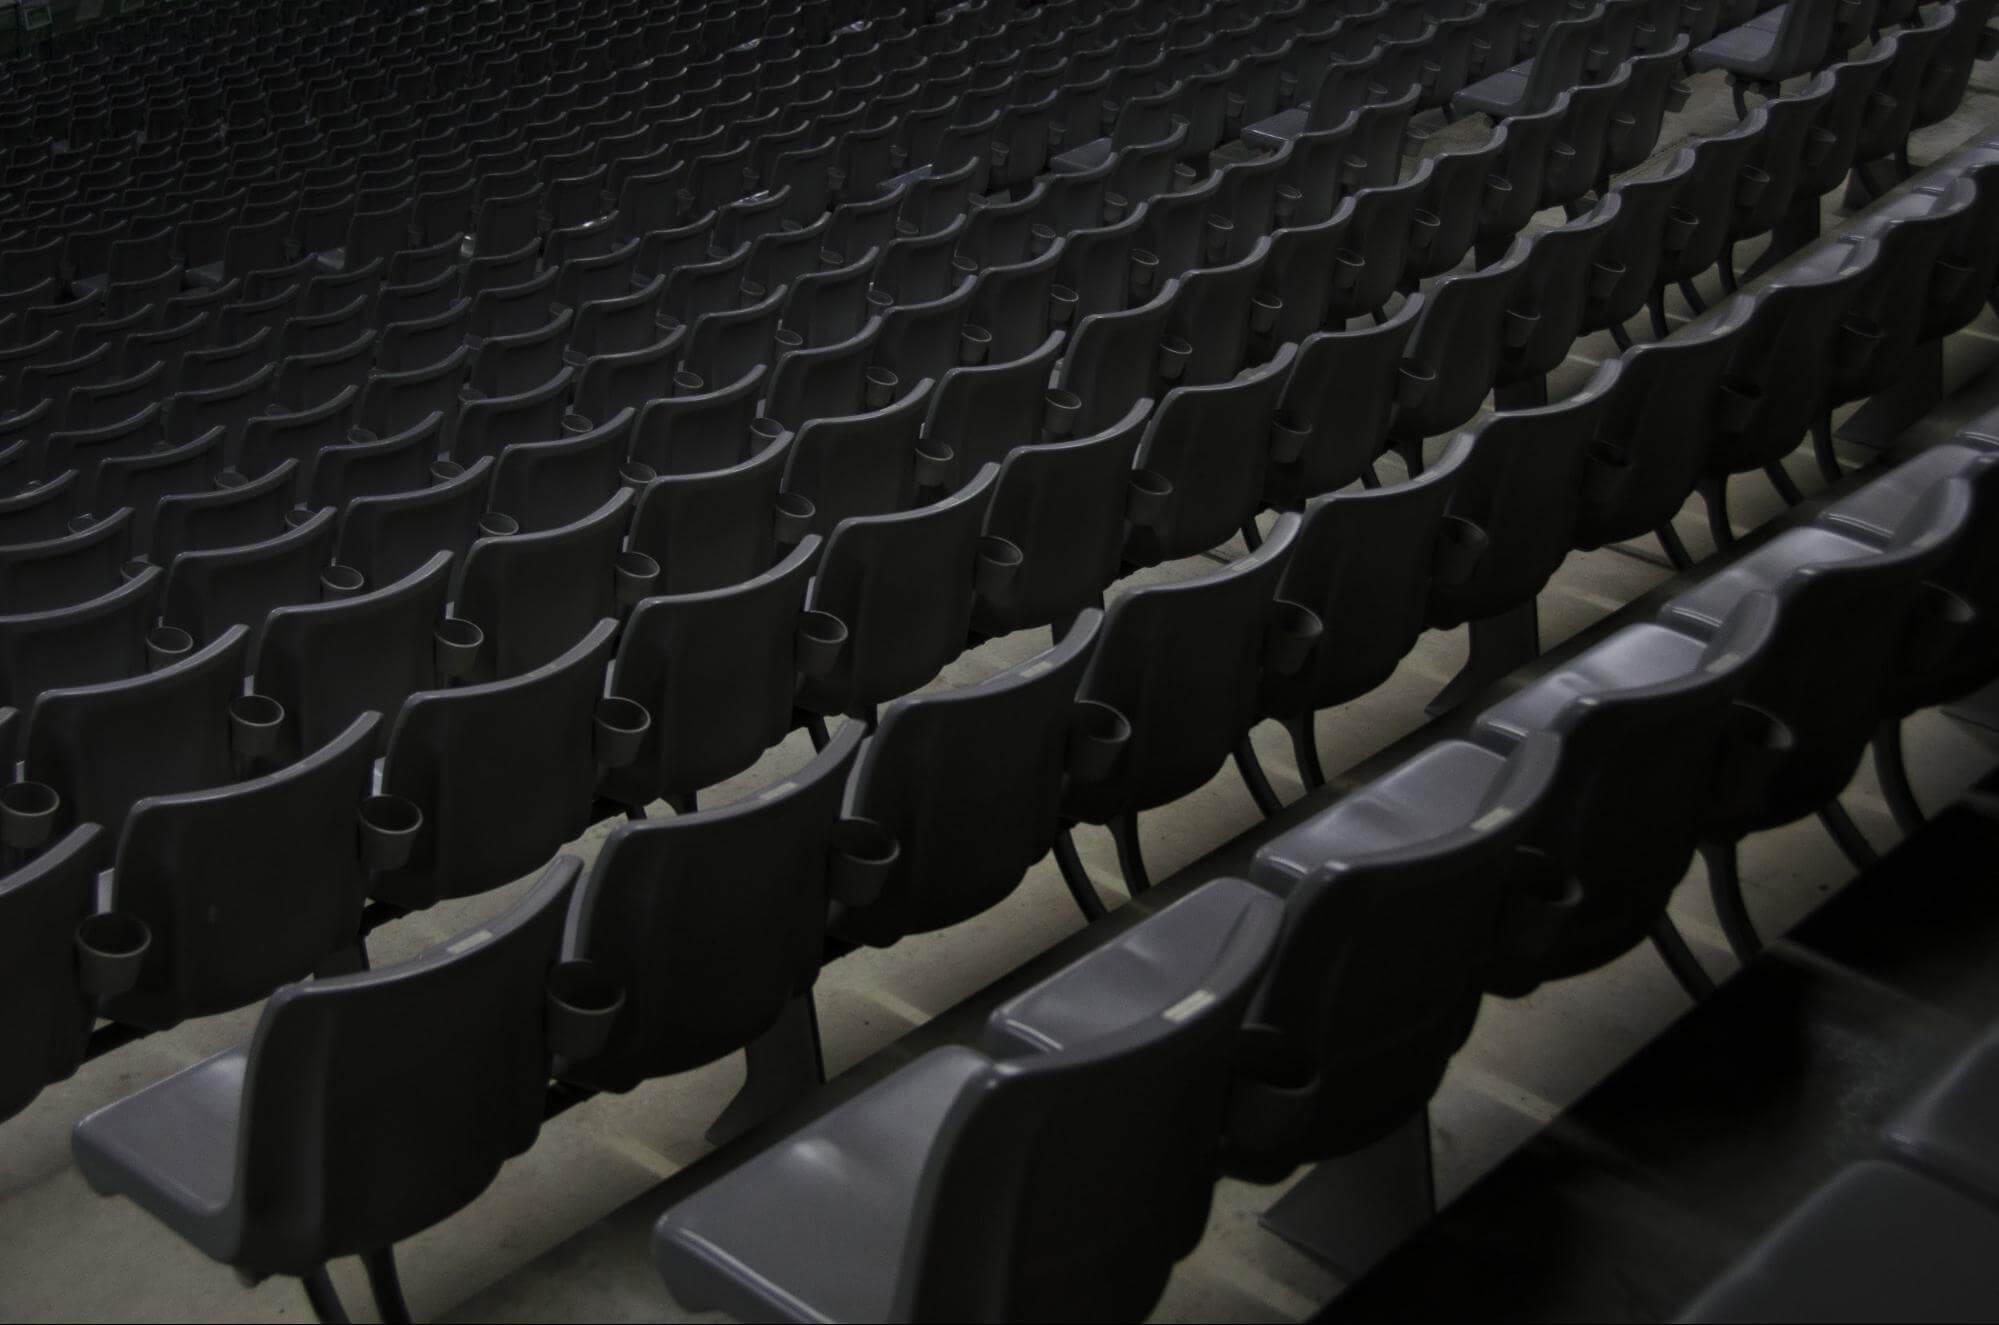 スタジアムの椅子